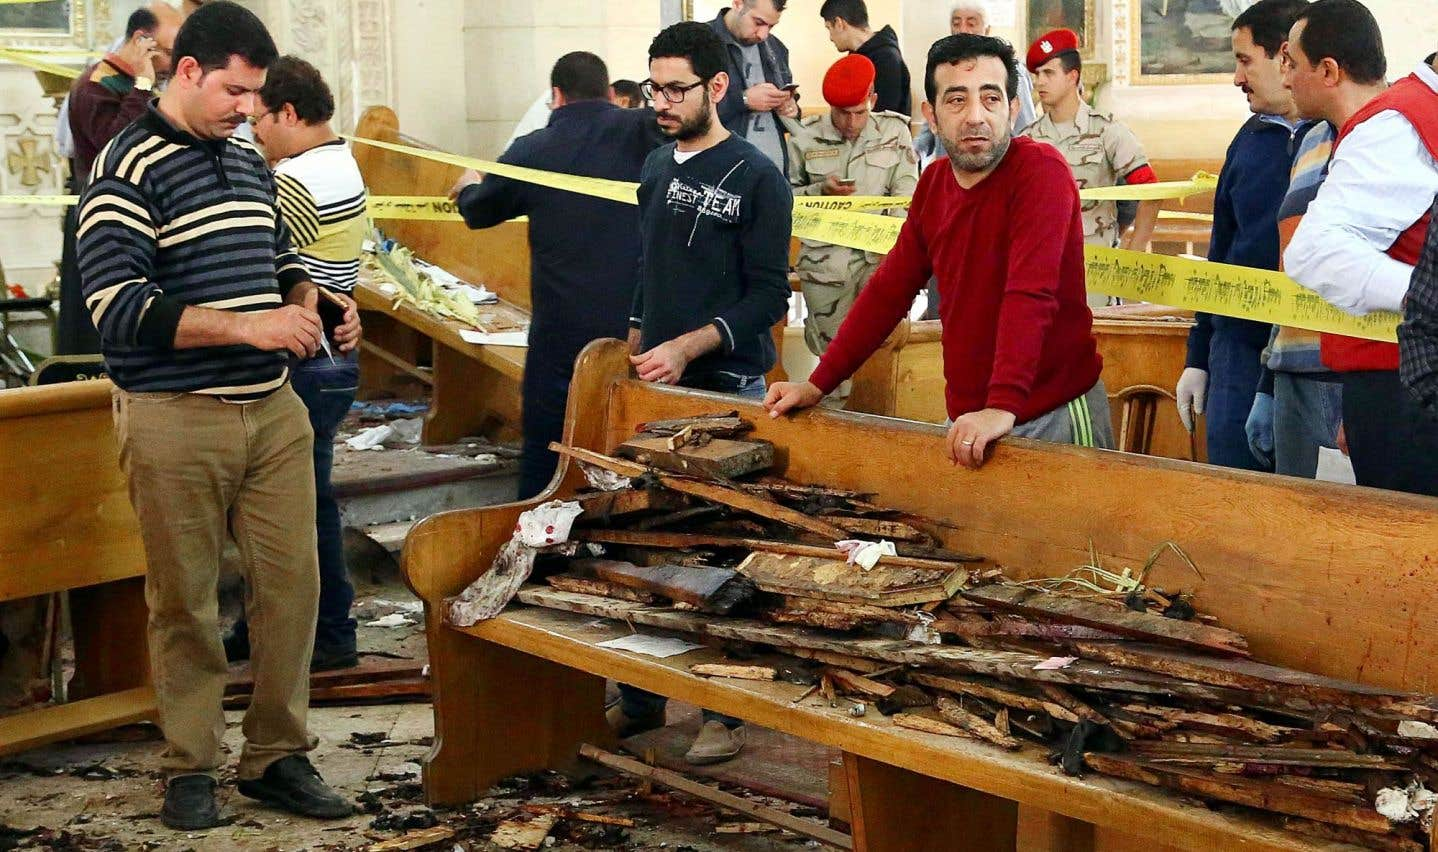 Le 9 avril, la communauté copte de la ville de Tanta, en Égypte, a été visée par le groupe État islamique durant la célébration de la fête des Rameaux.